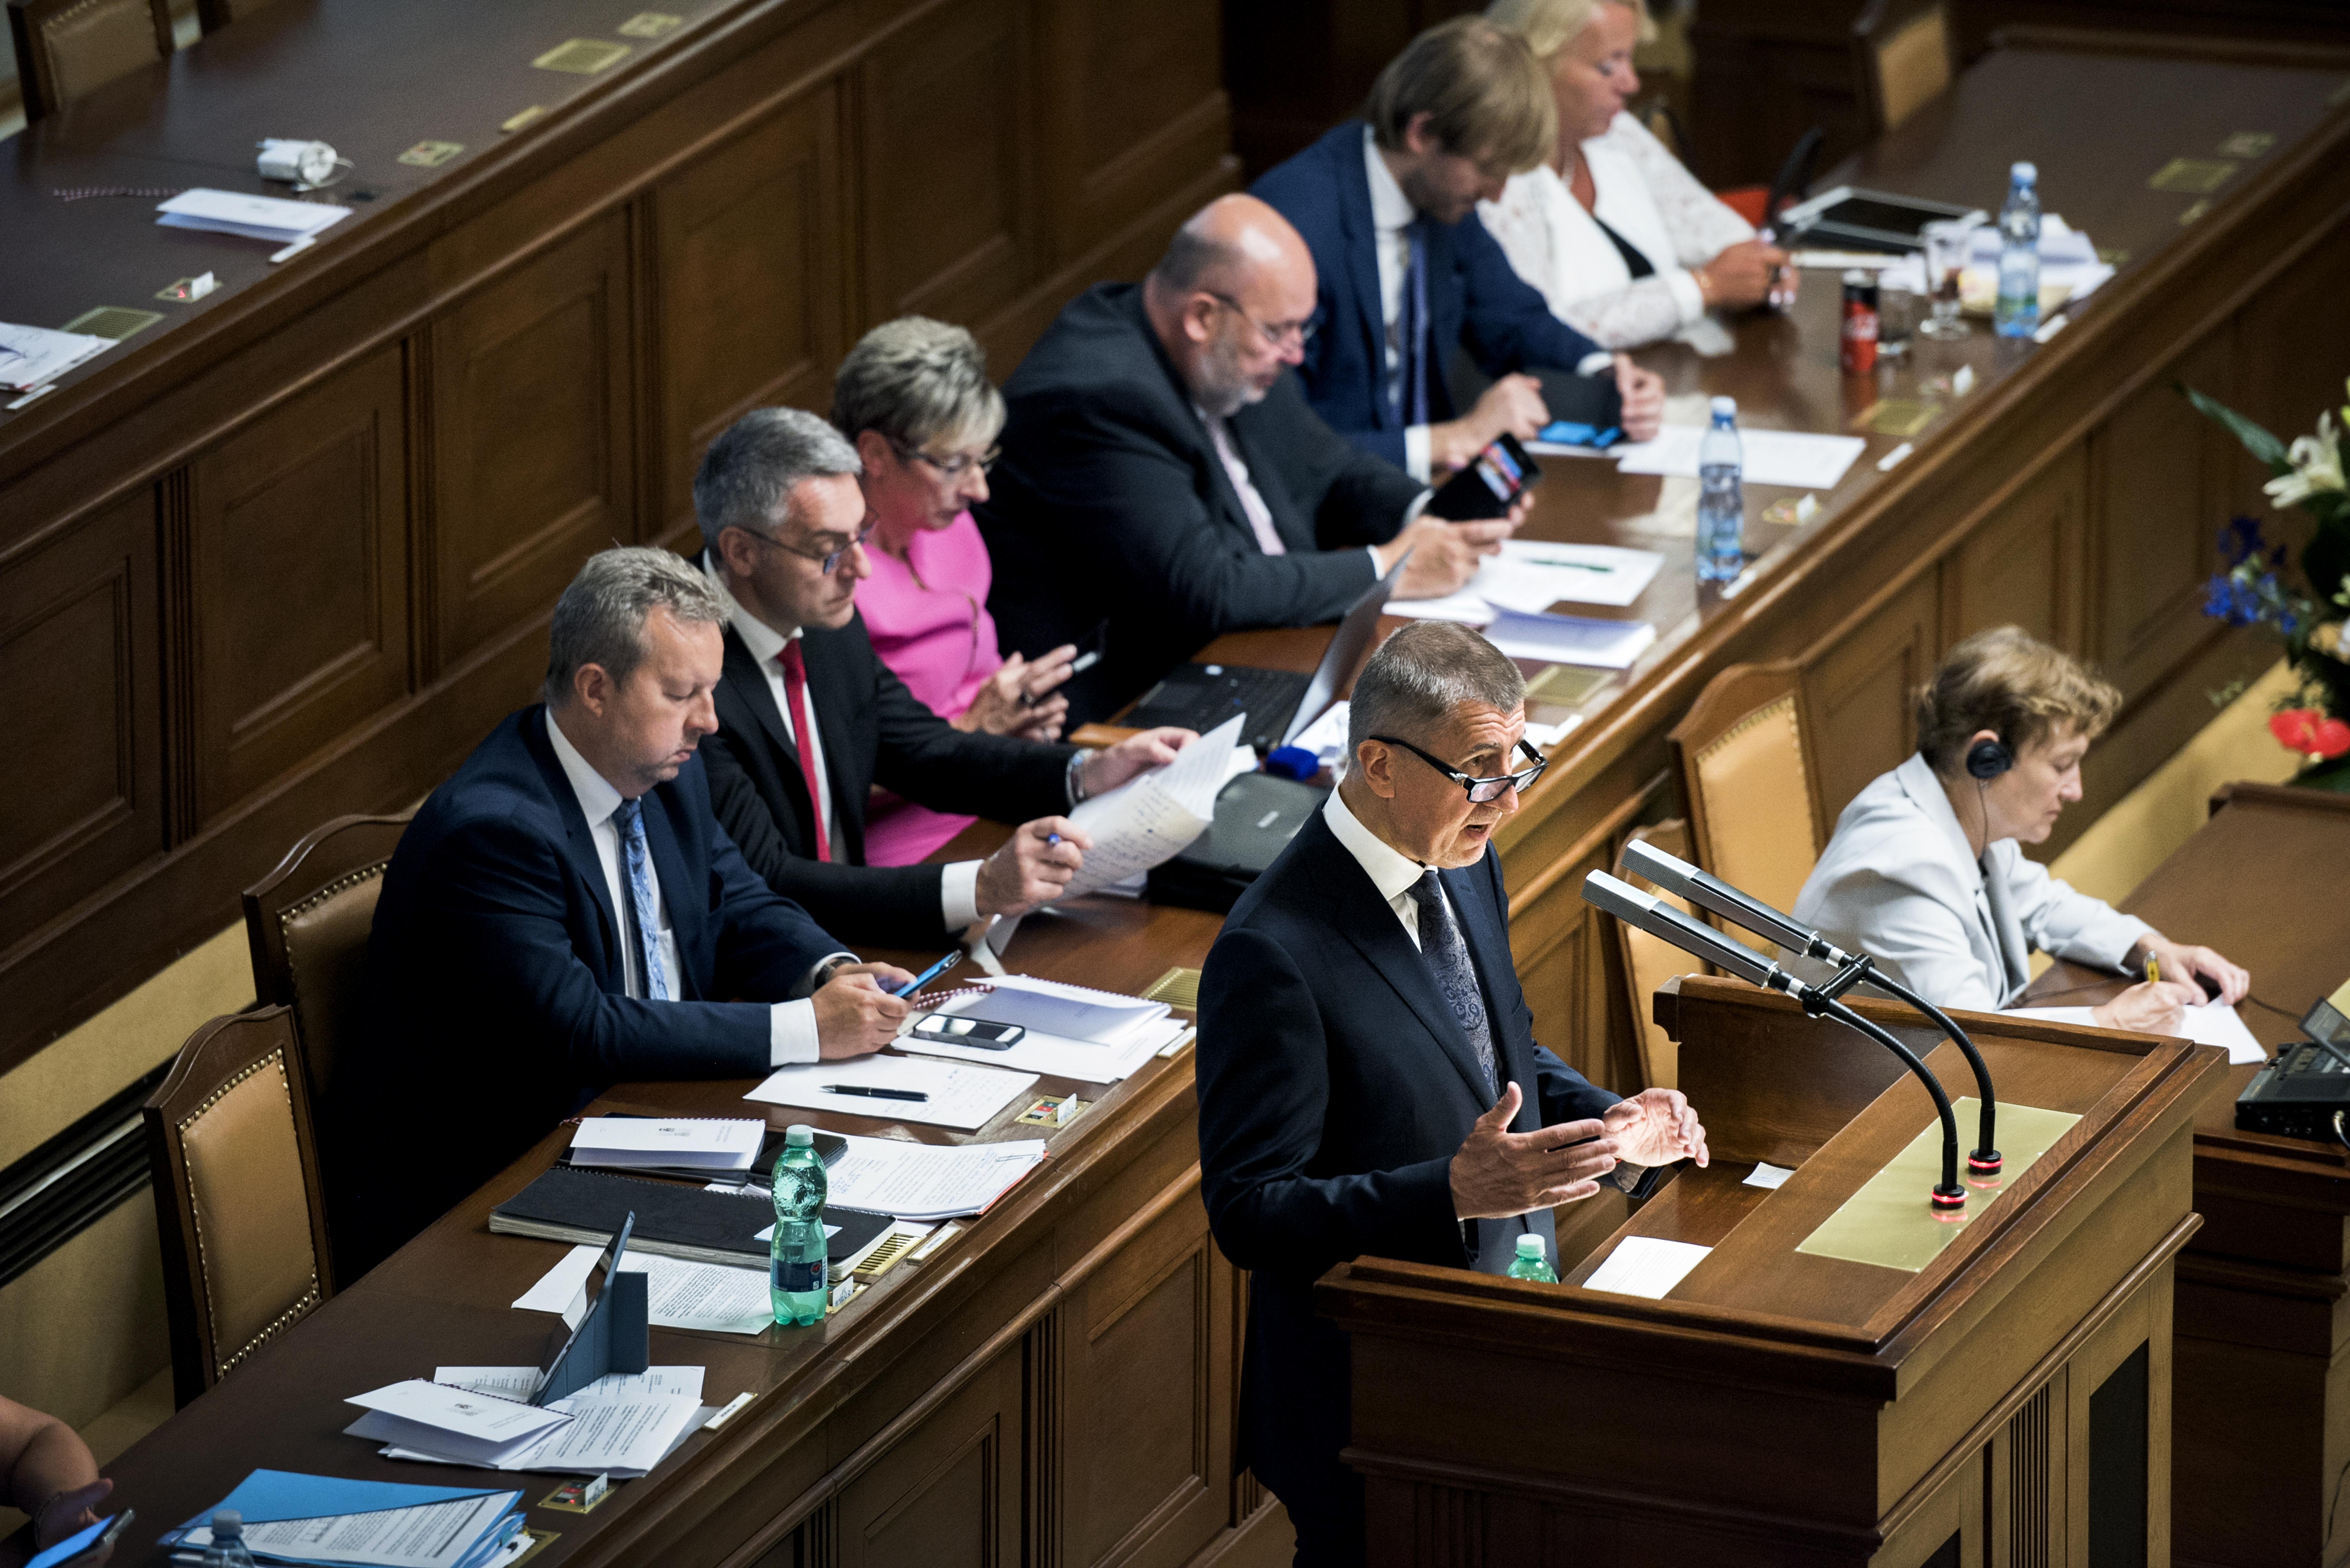 Druhá vláda Andreje Babiše žádá Poslaneckou sněmovnu o důvěru